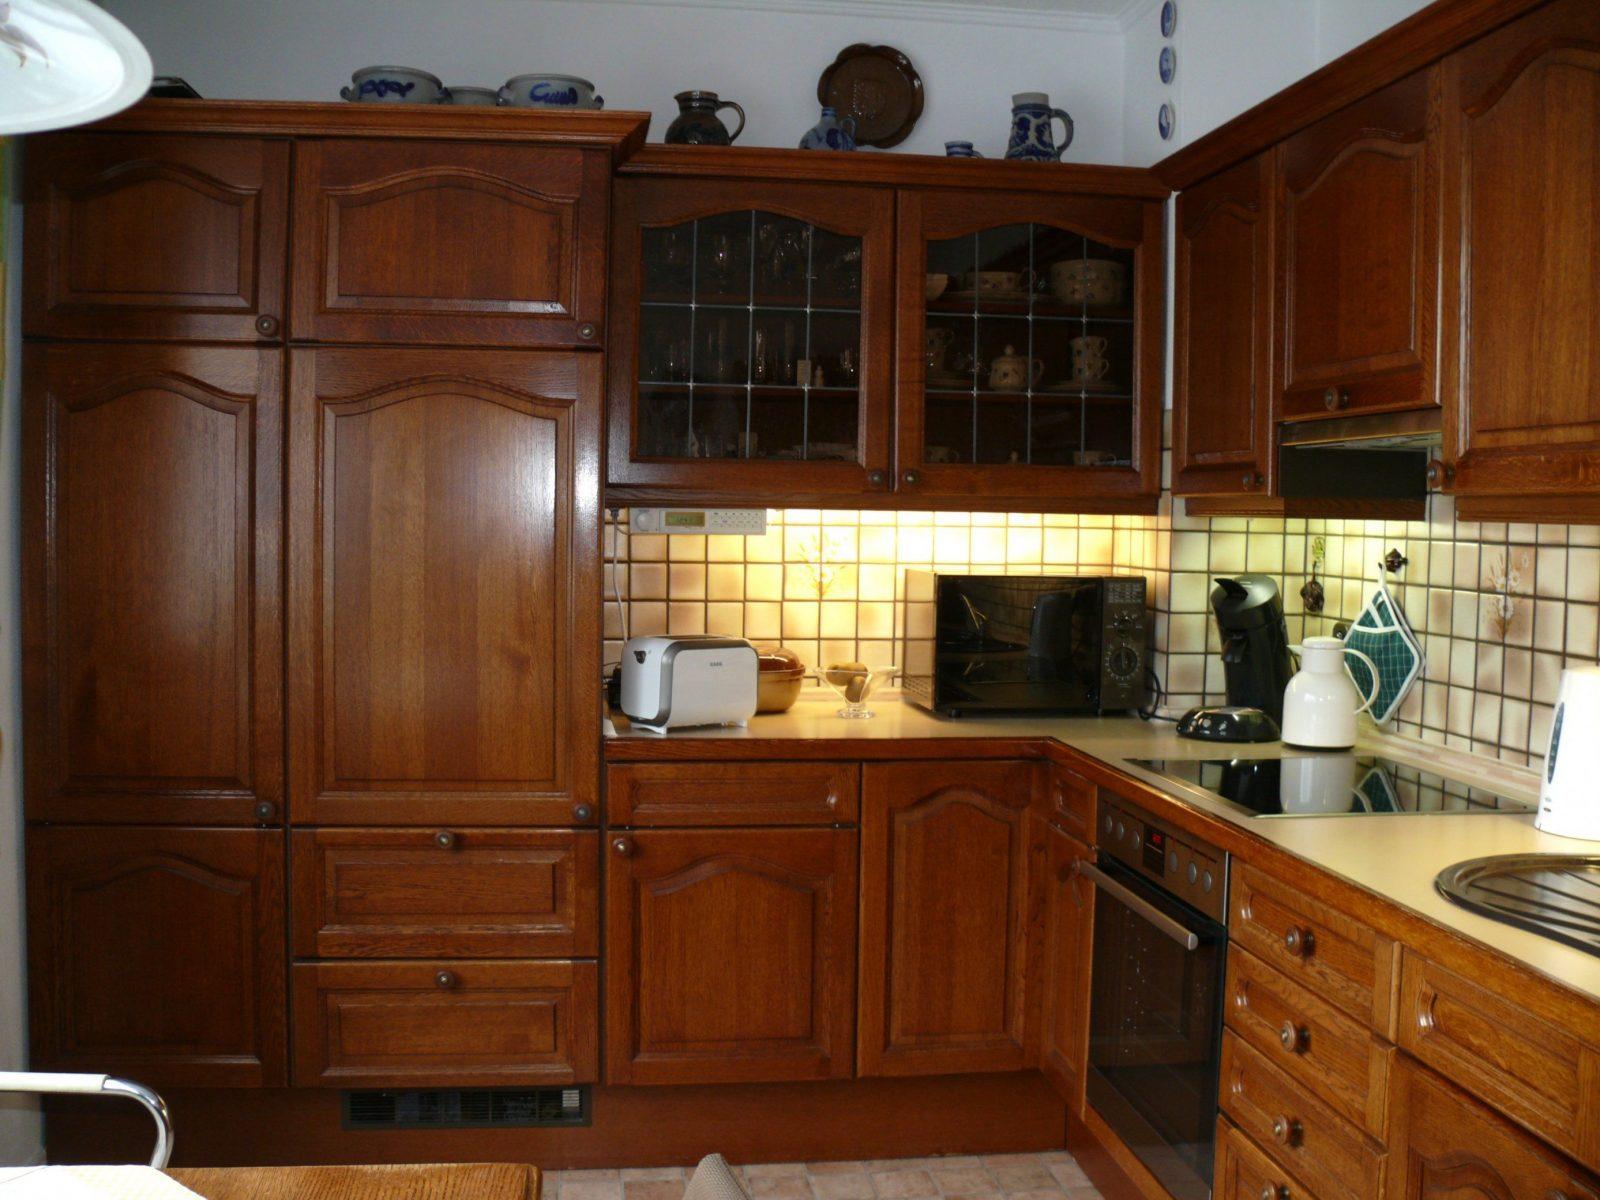 gebrauchte kuche eiche rustikal kaufen